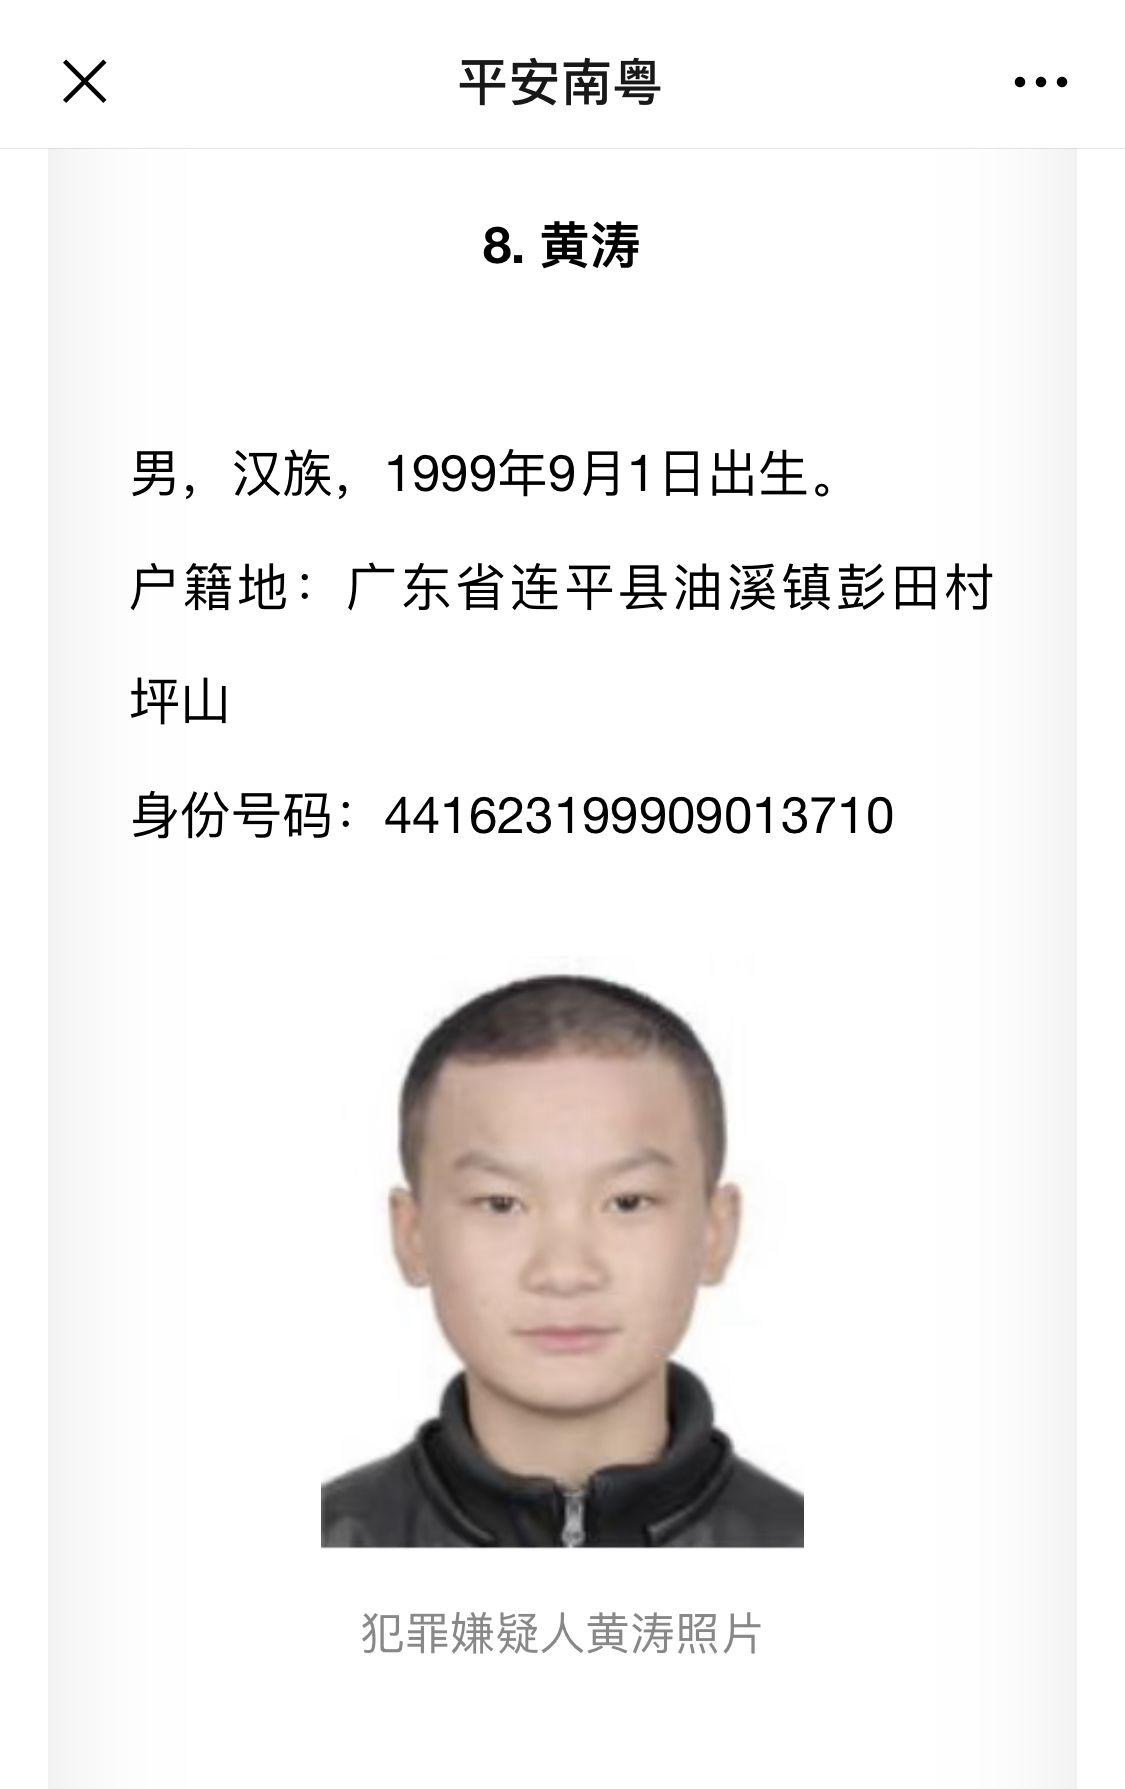 广东公布30名涉黑恶逃犯悬赏通告 年龄最小者20岁